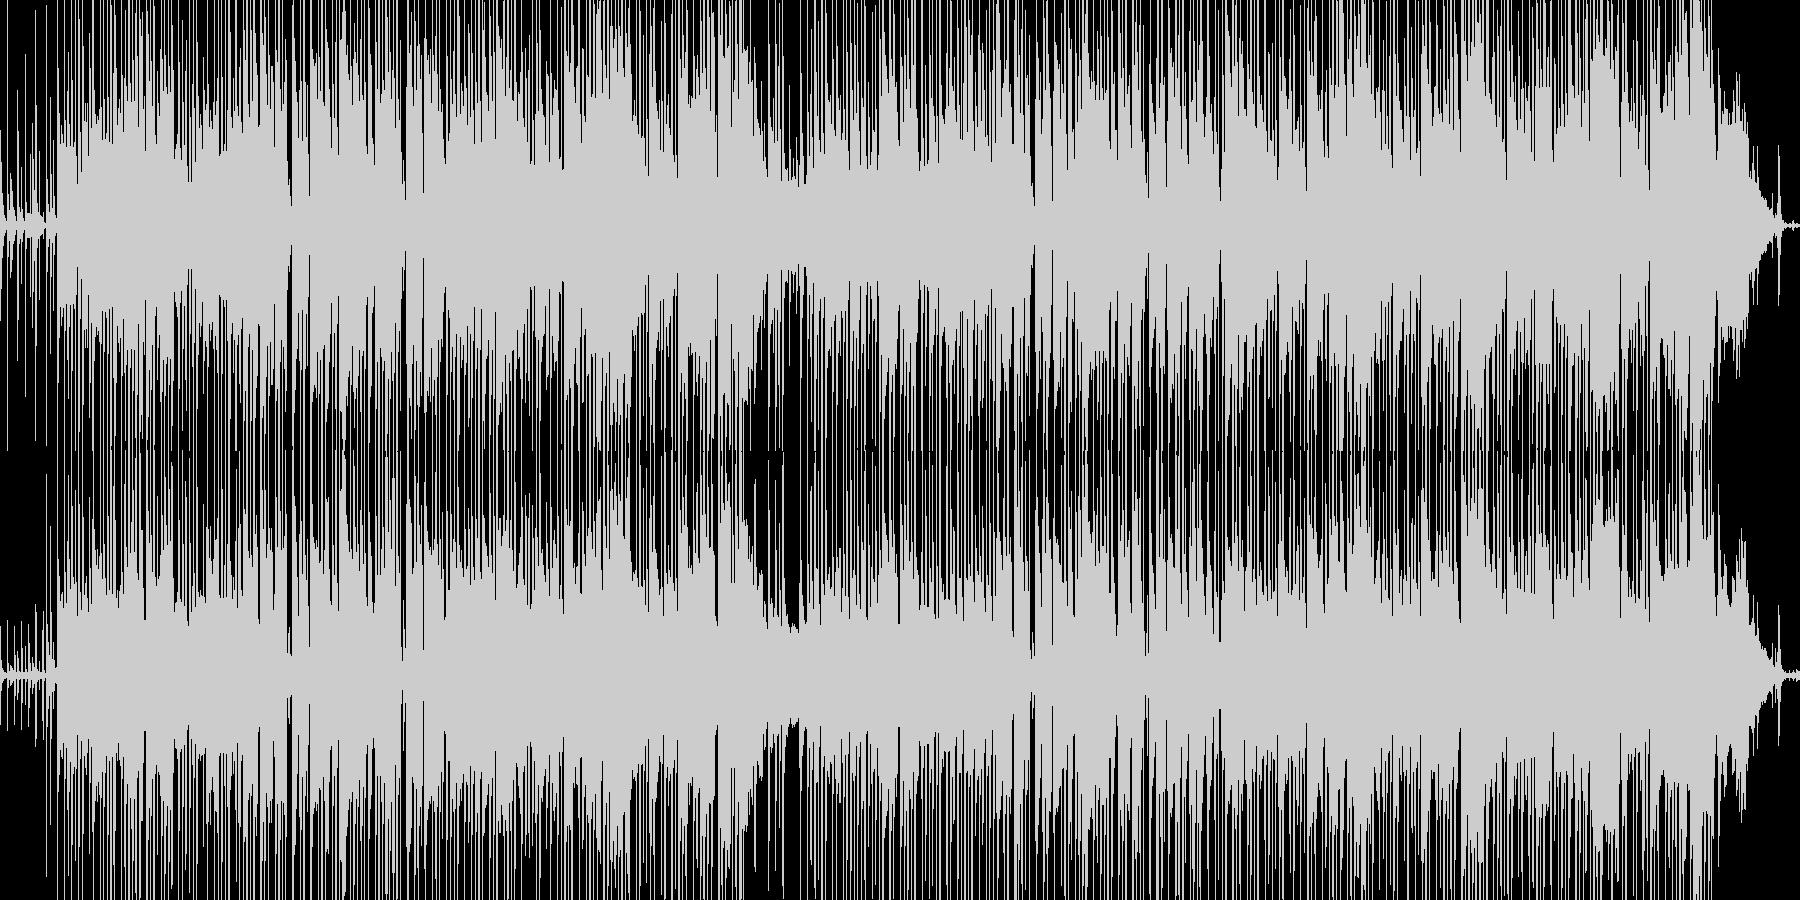 ほのぼの日常系ギターインストの未再生の波形